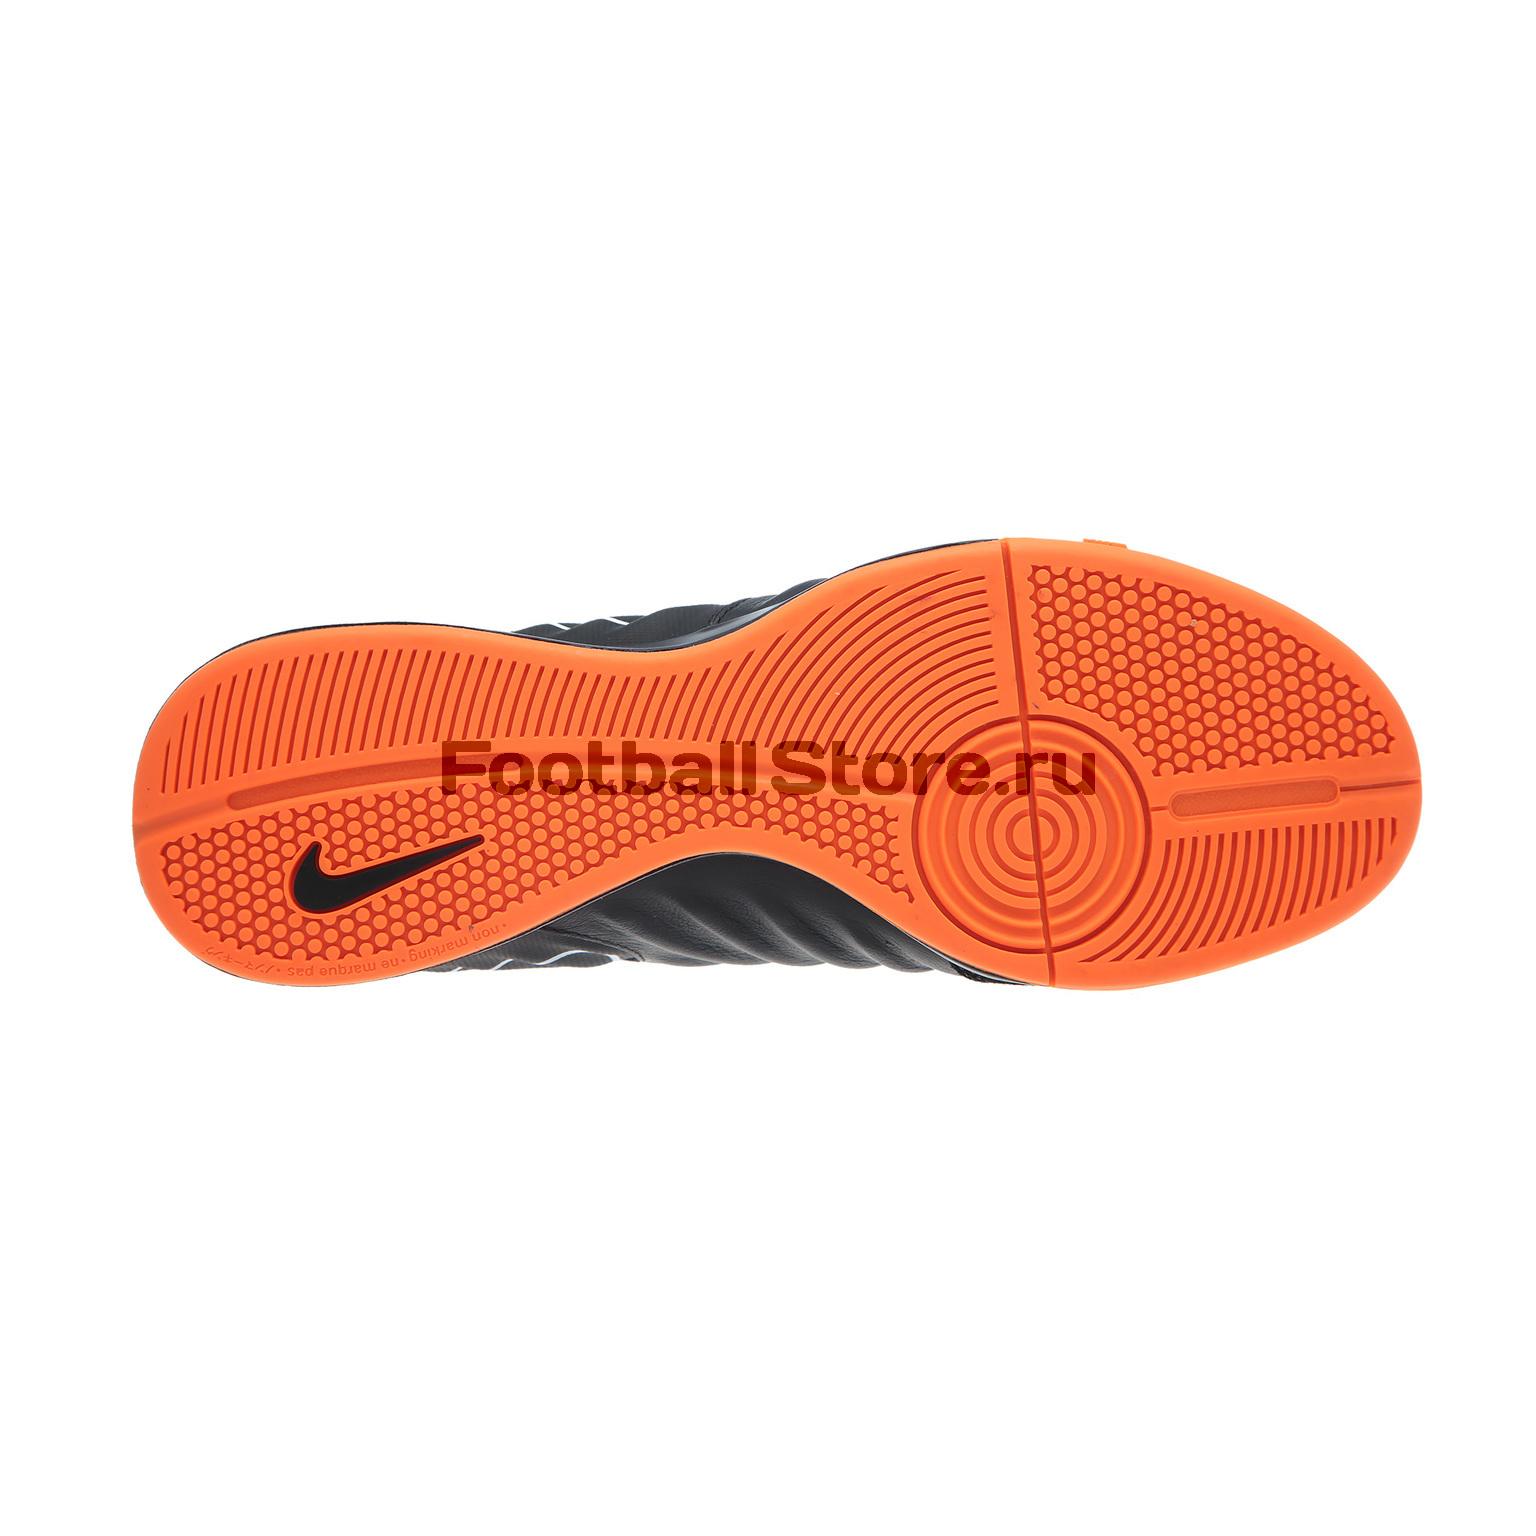 Обувь для зала Nike LegendX 7 Academy IC AH7244-080 – купить ... 131dbb718cea4